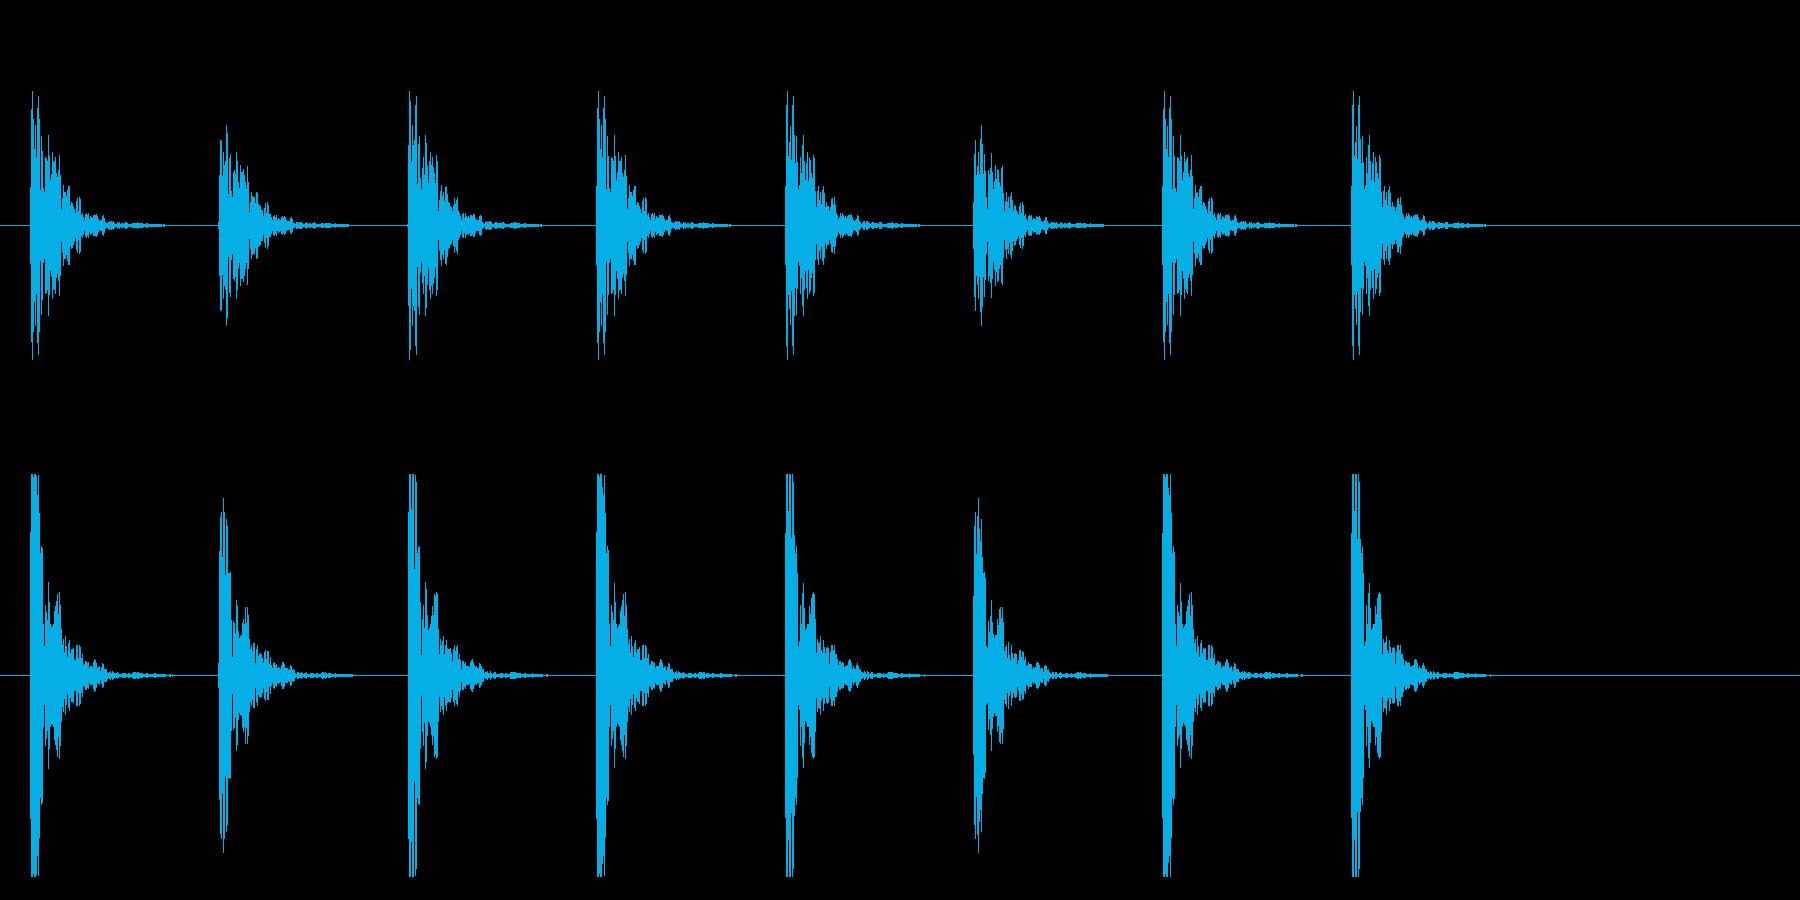 ポクポク1 木魚・シンキングタイム5秒の再生済みの波形